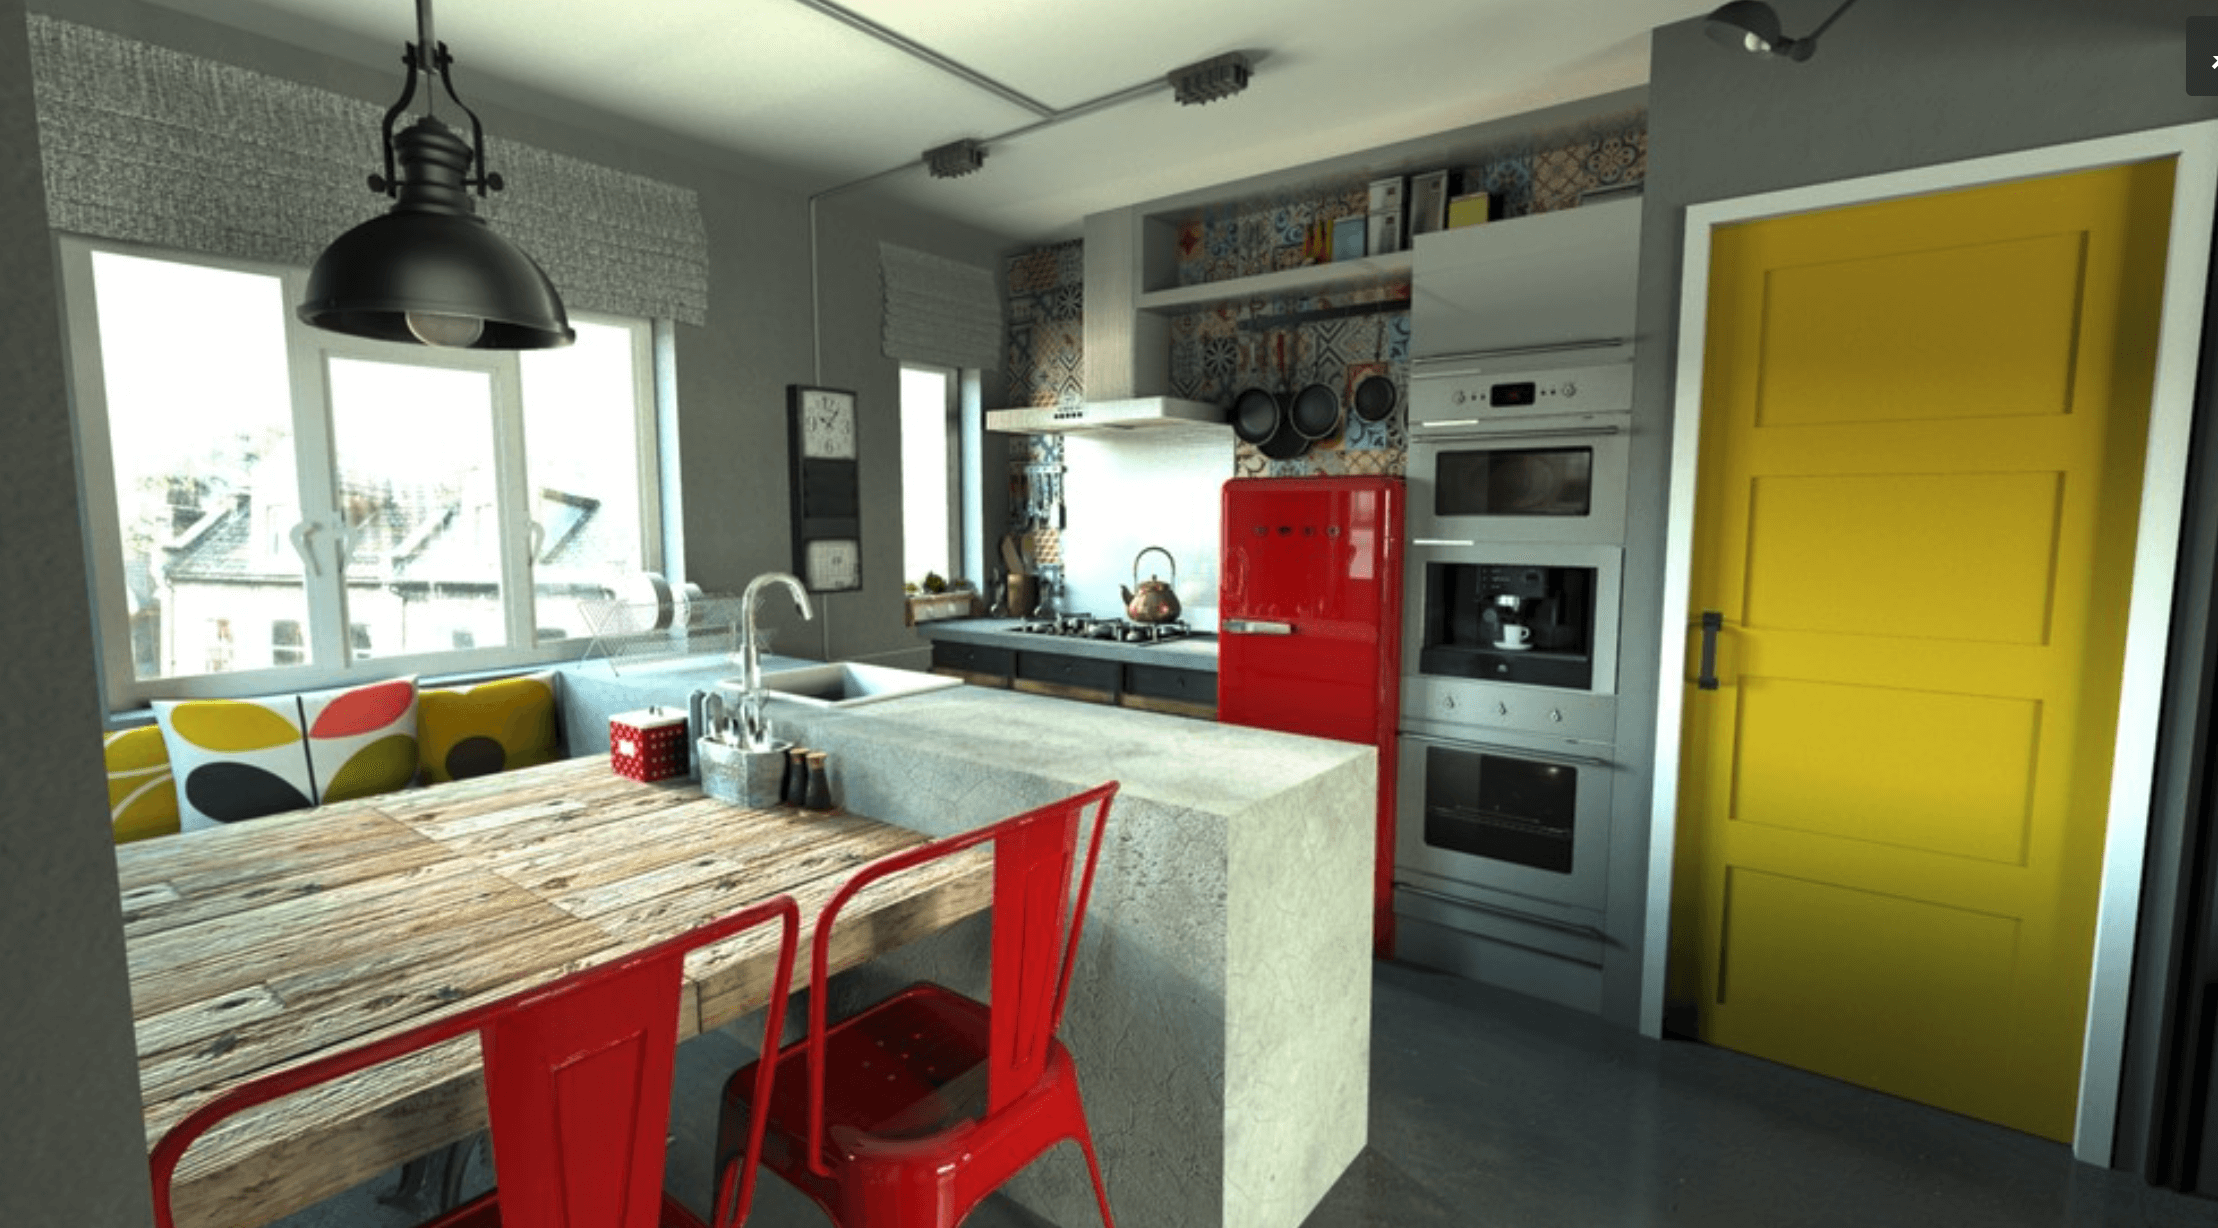 Fiqui agora com 23 fotos de cozinhas decoradas selecionadas confira! #AF991C 2218 1228